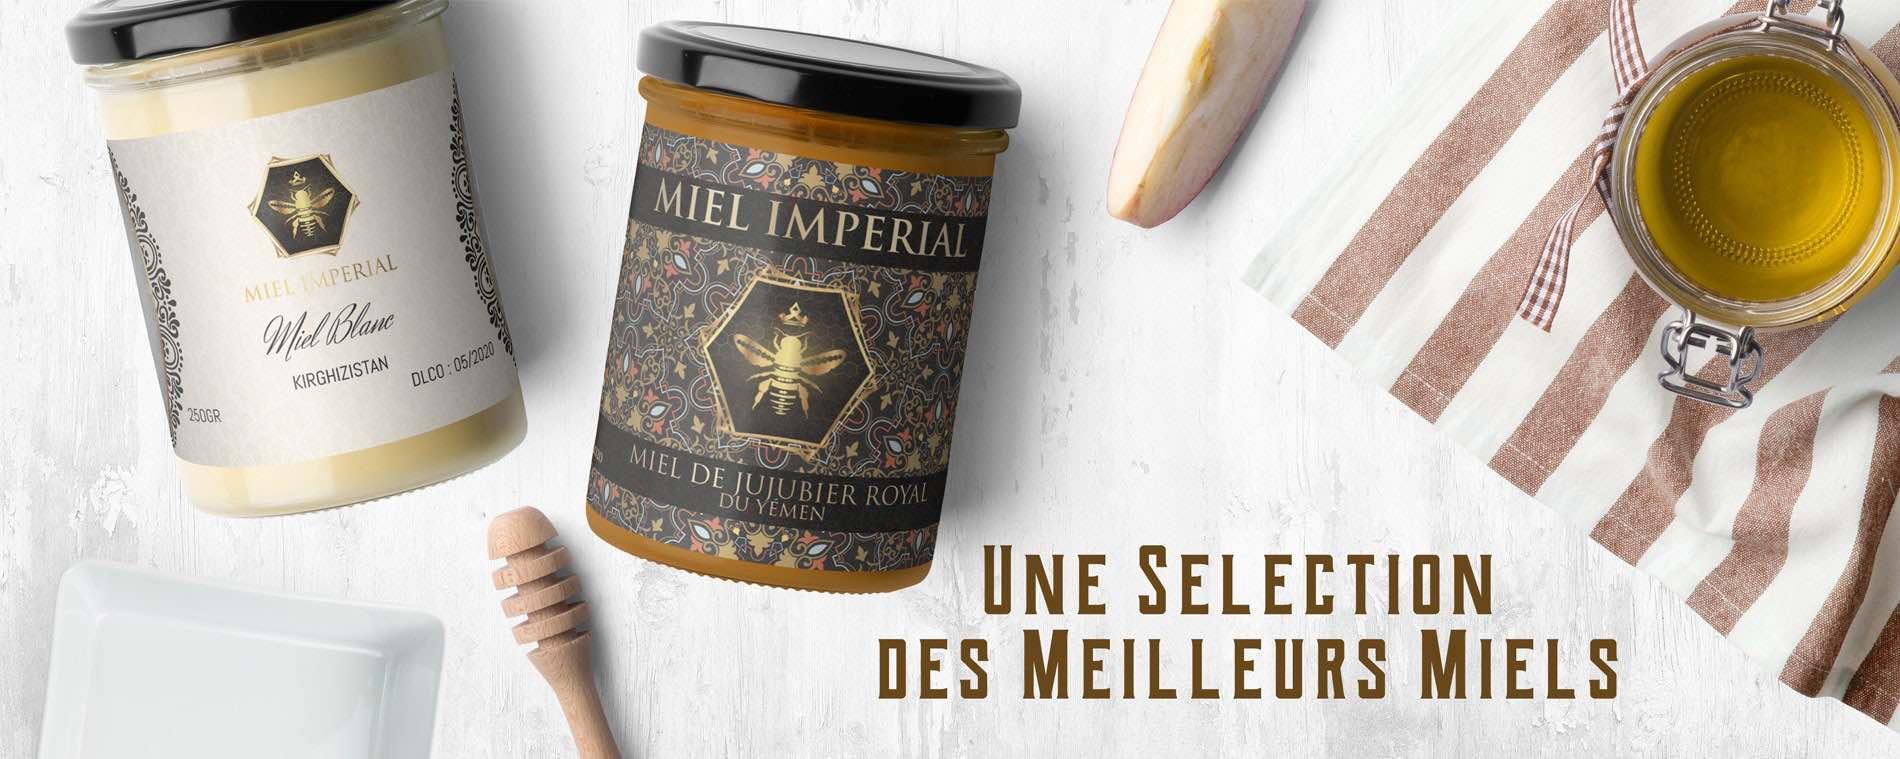 Miel Impérial, la boutique naturelle de référence !